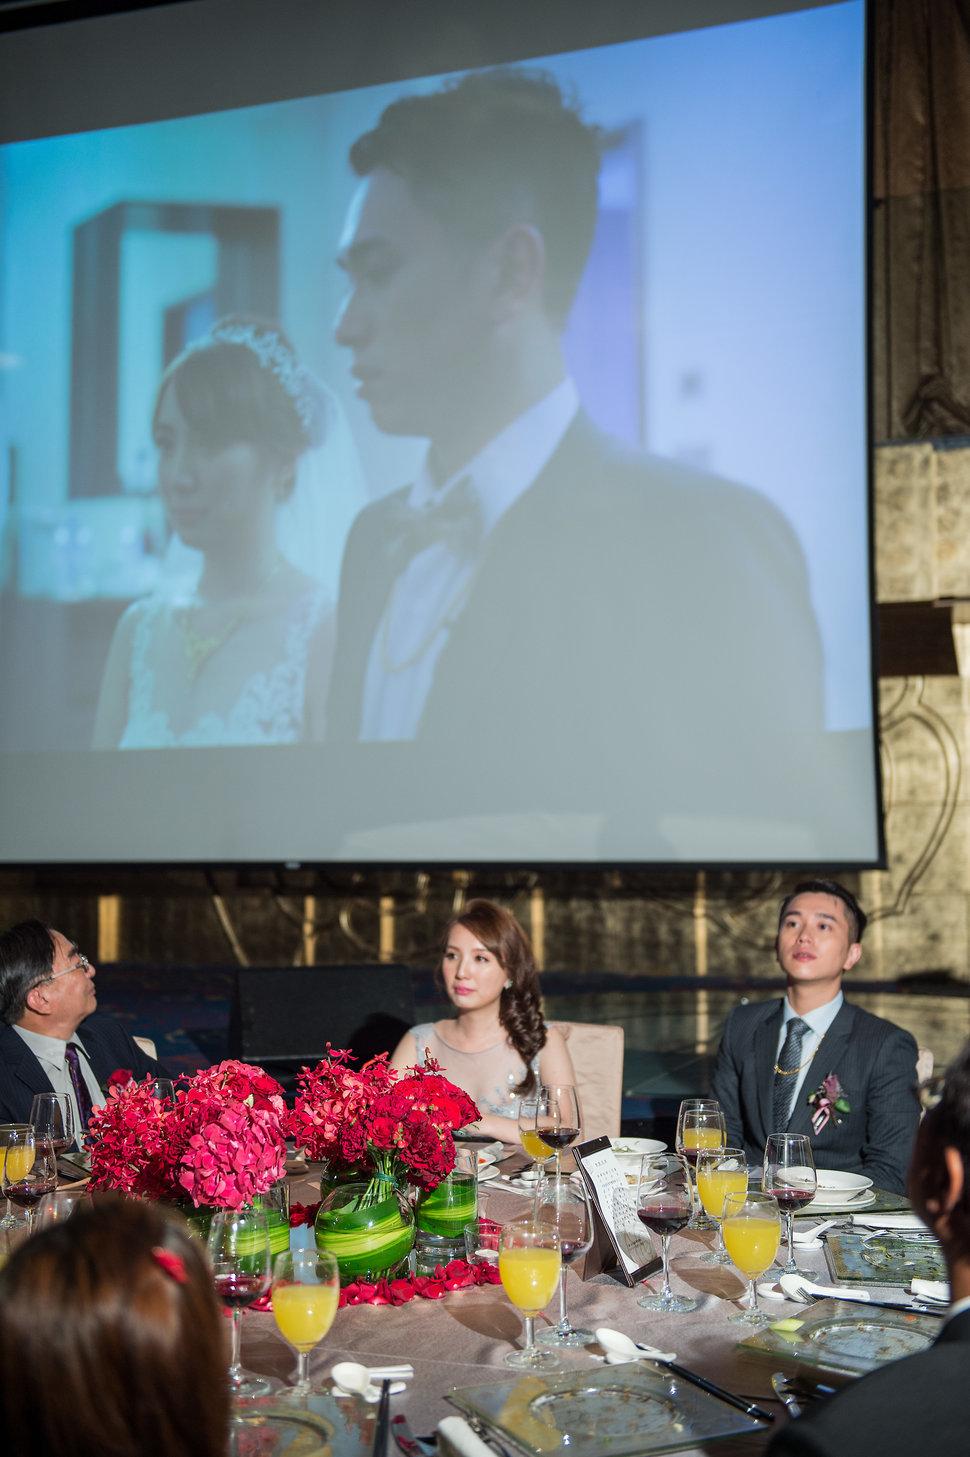 [台北婚攝] 內湖大直典華晚宴_(編號:431895) - LoveStoryAllen IMAGE - 結婚吧一站式婚禮服務平台